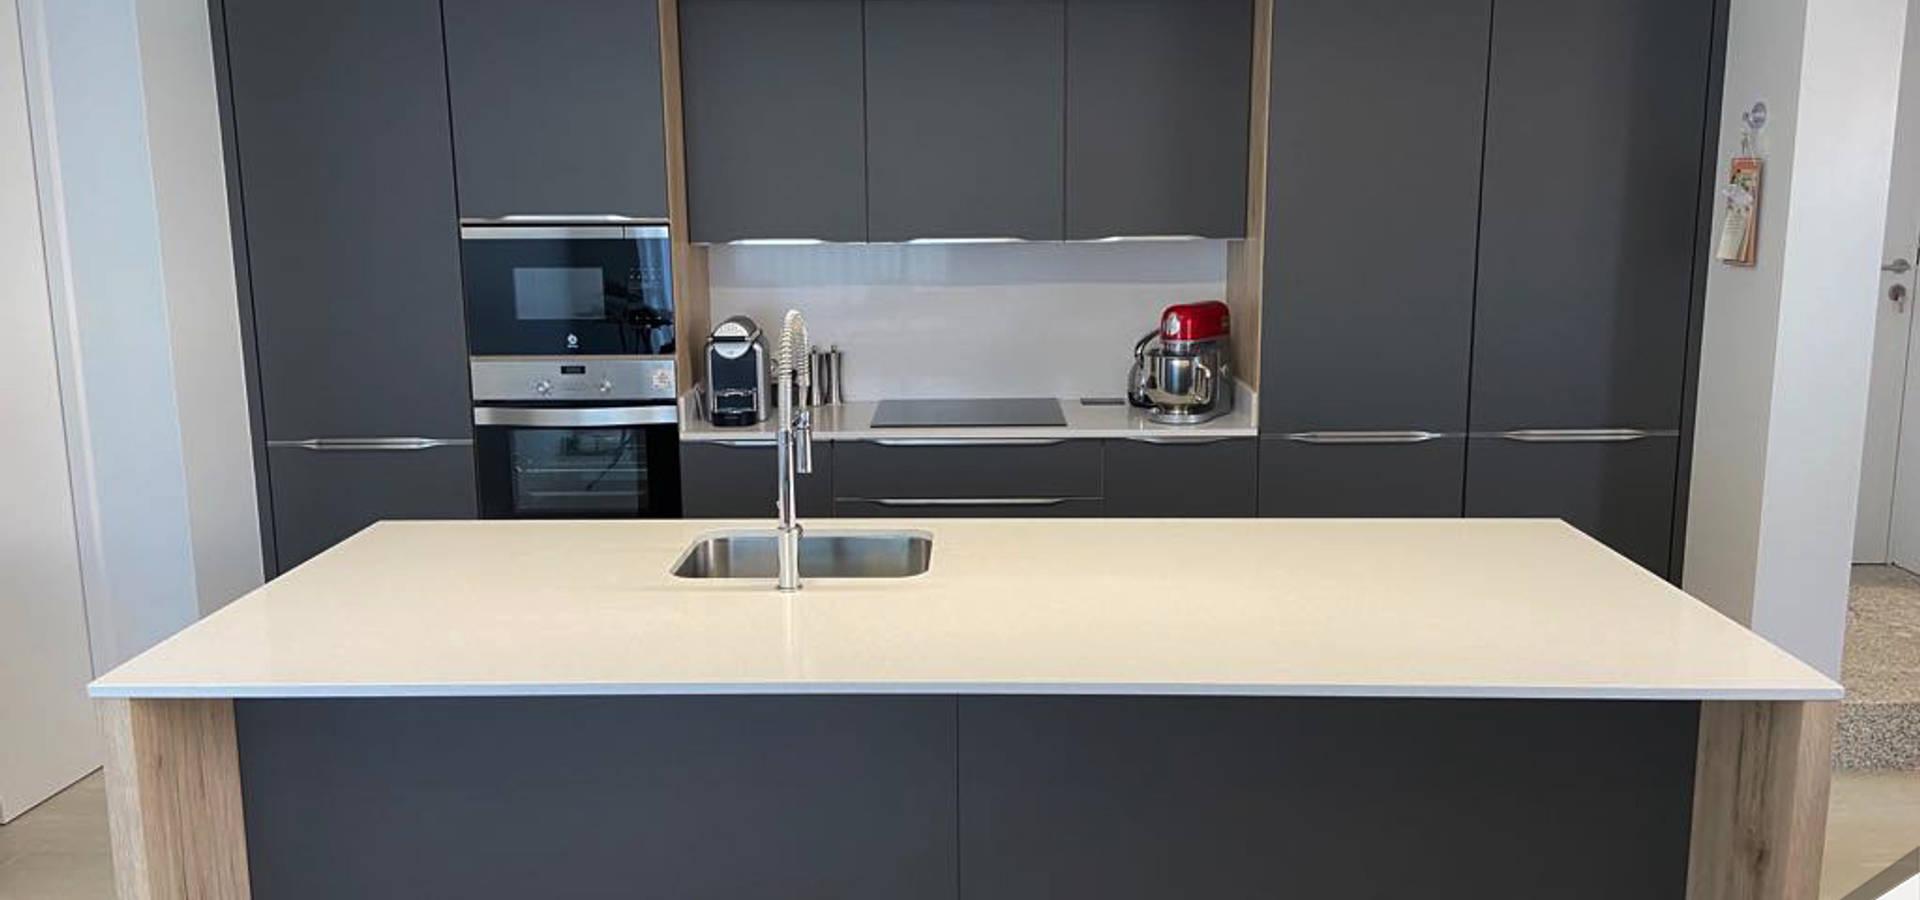 Norconcept cozinhas Interiores e renováveis lda